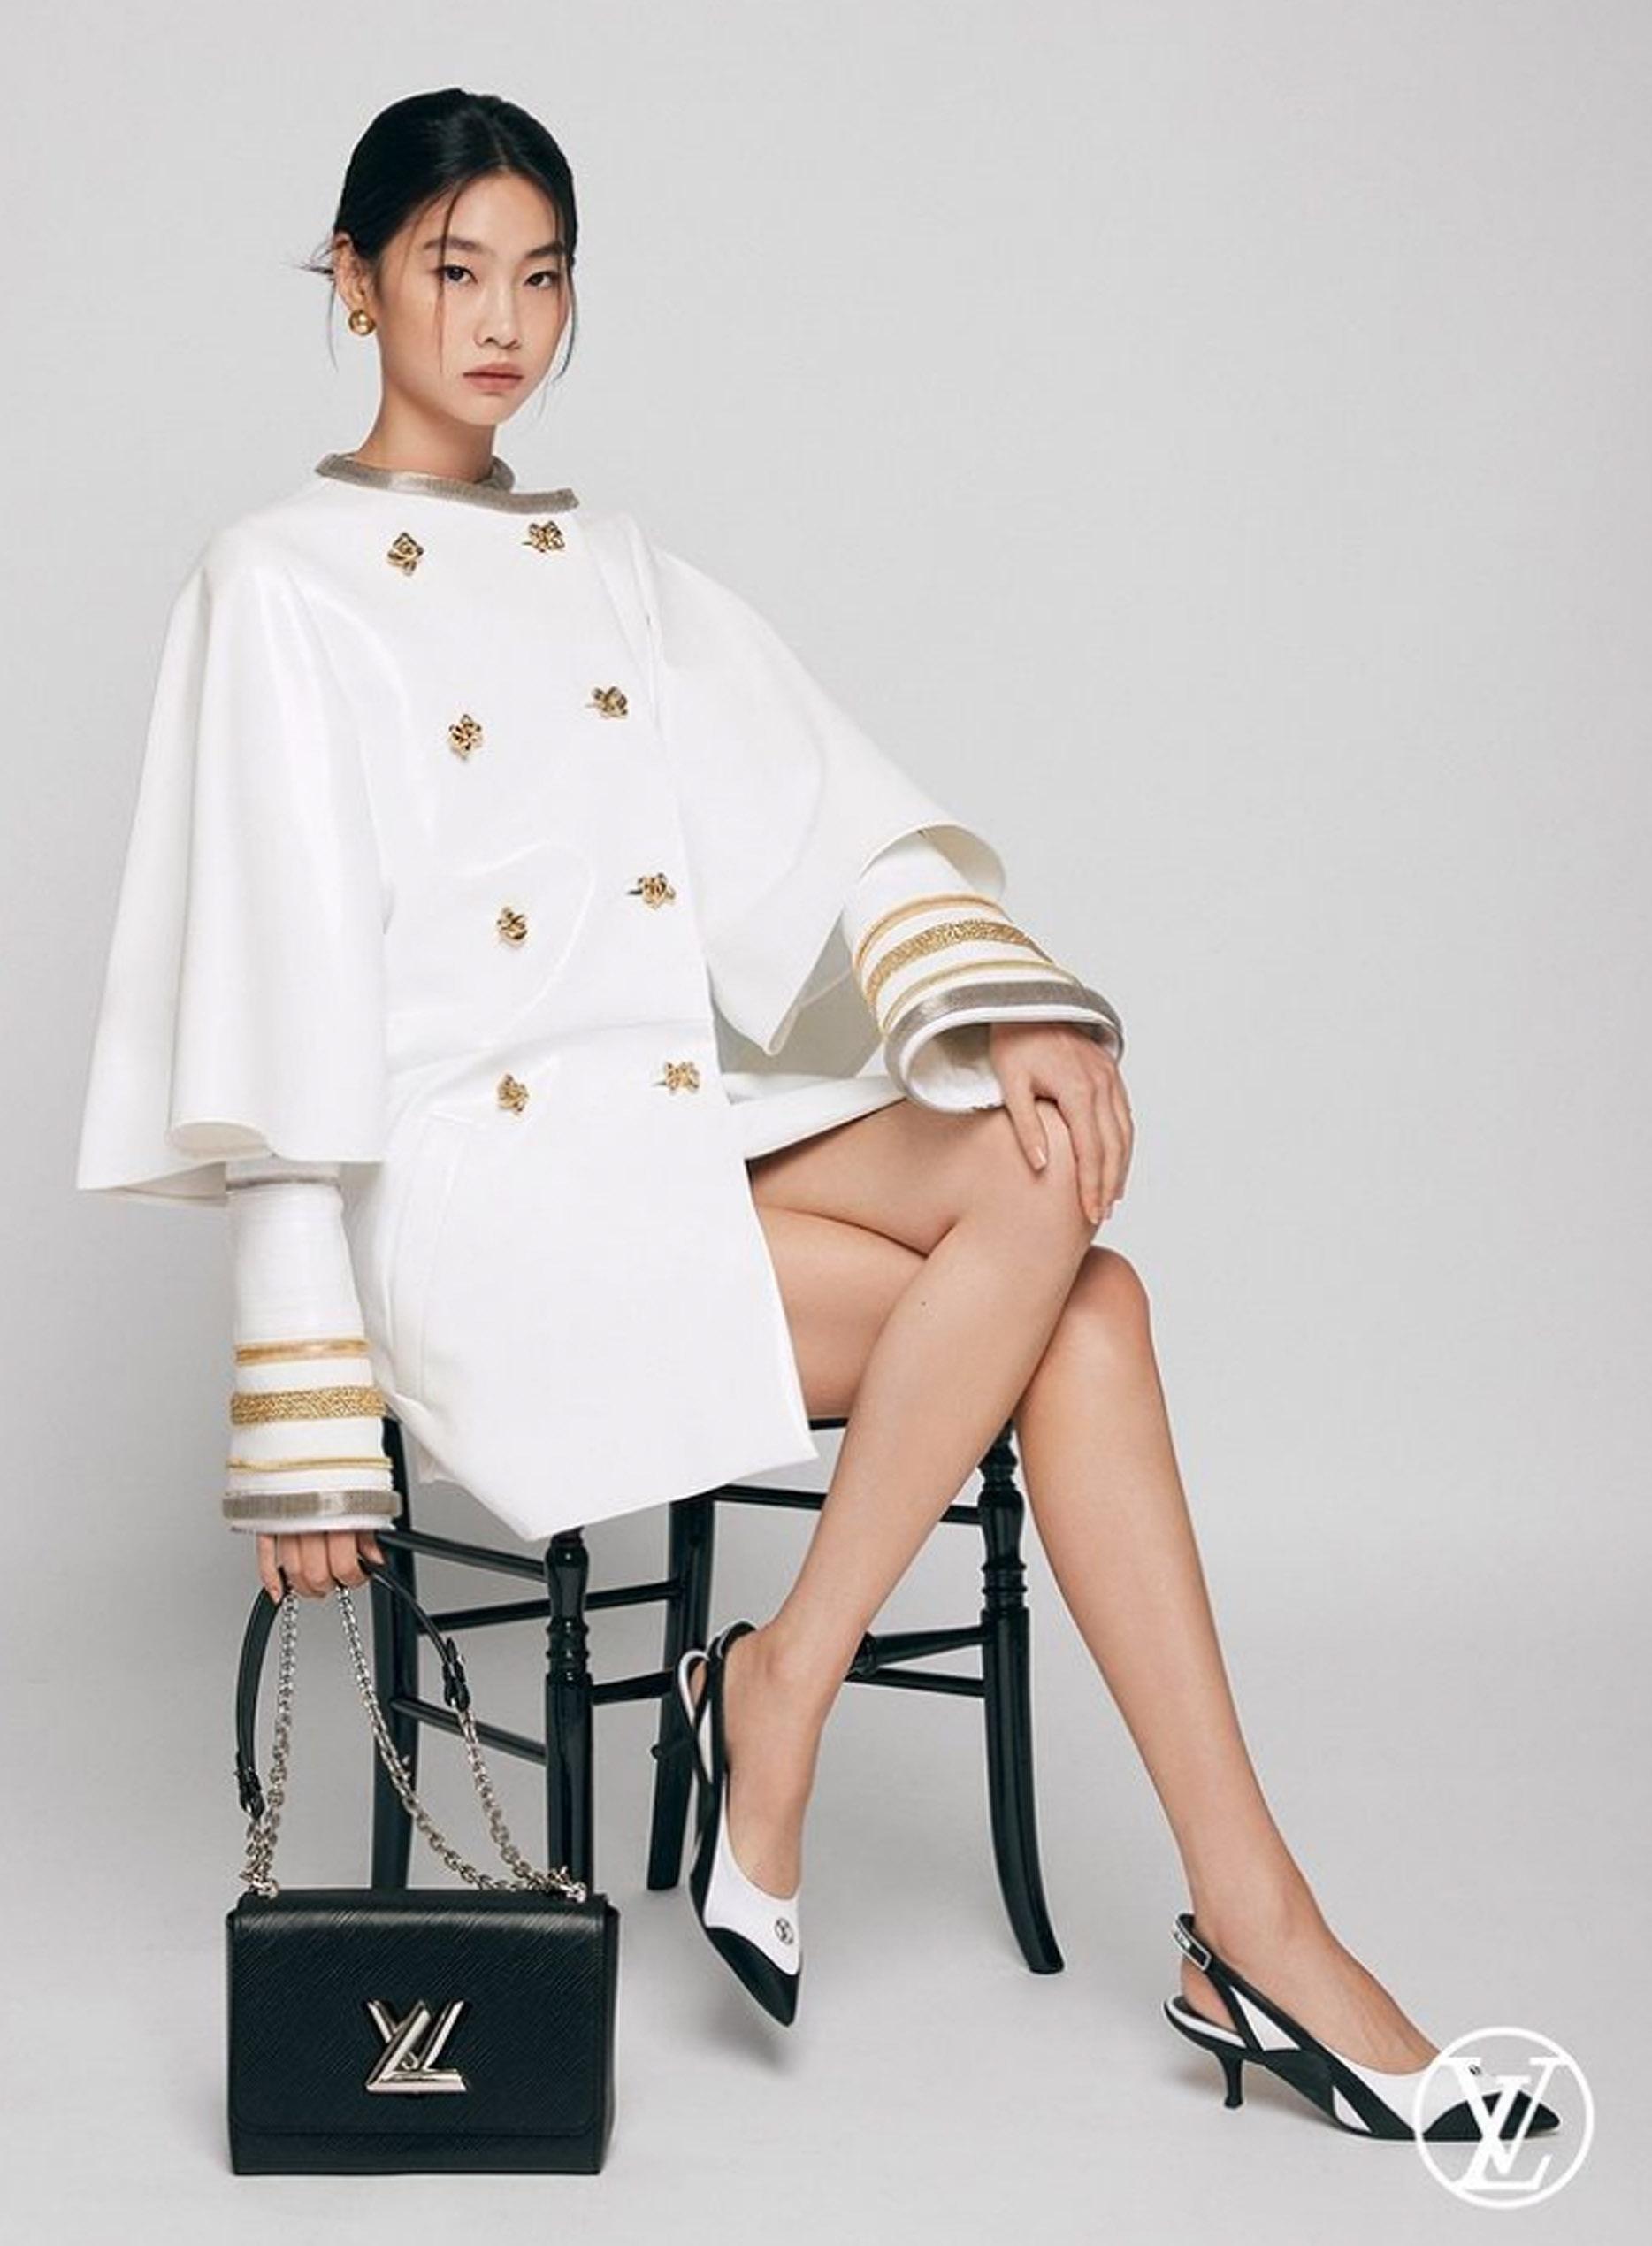 HoYeon Jung (Louis Vuitton)